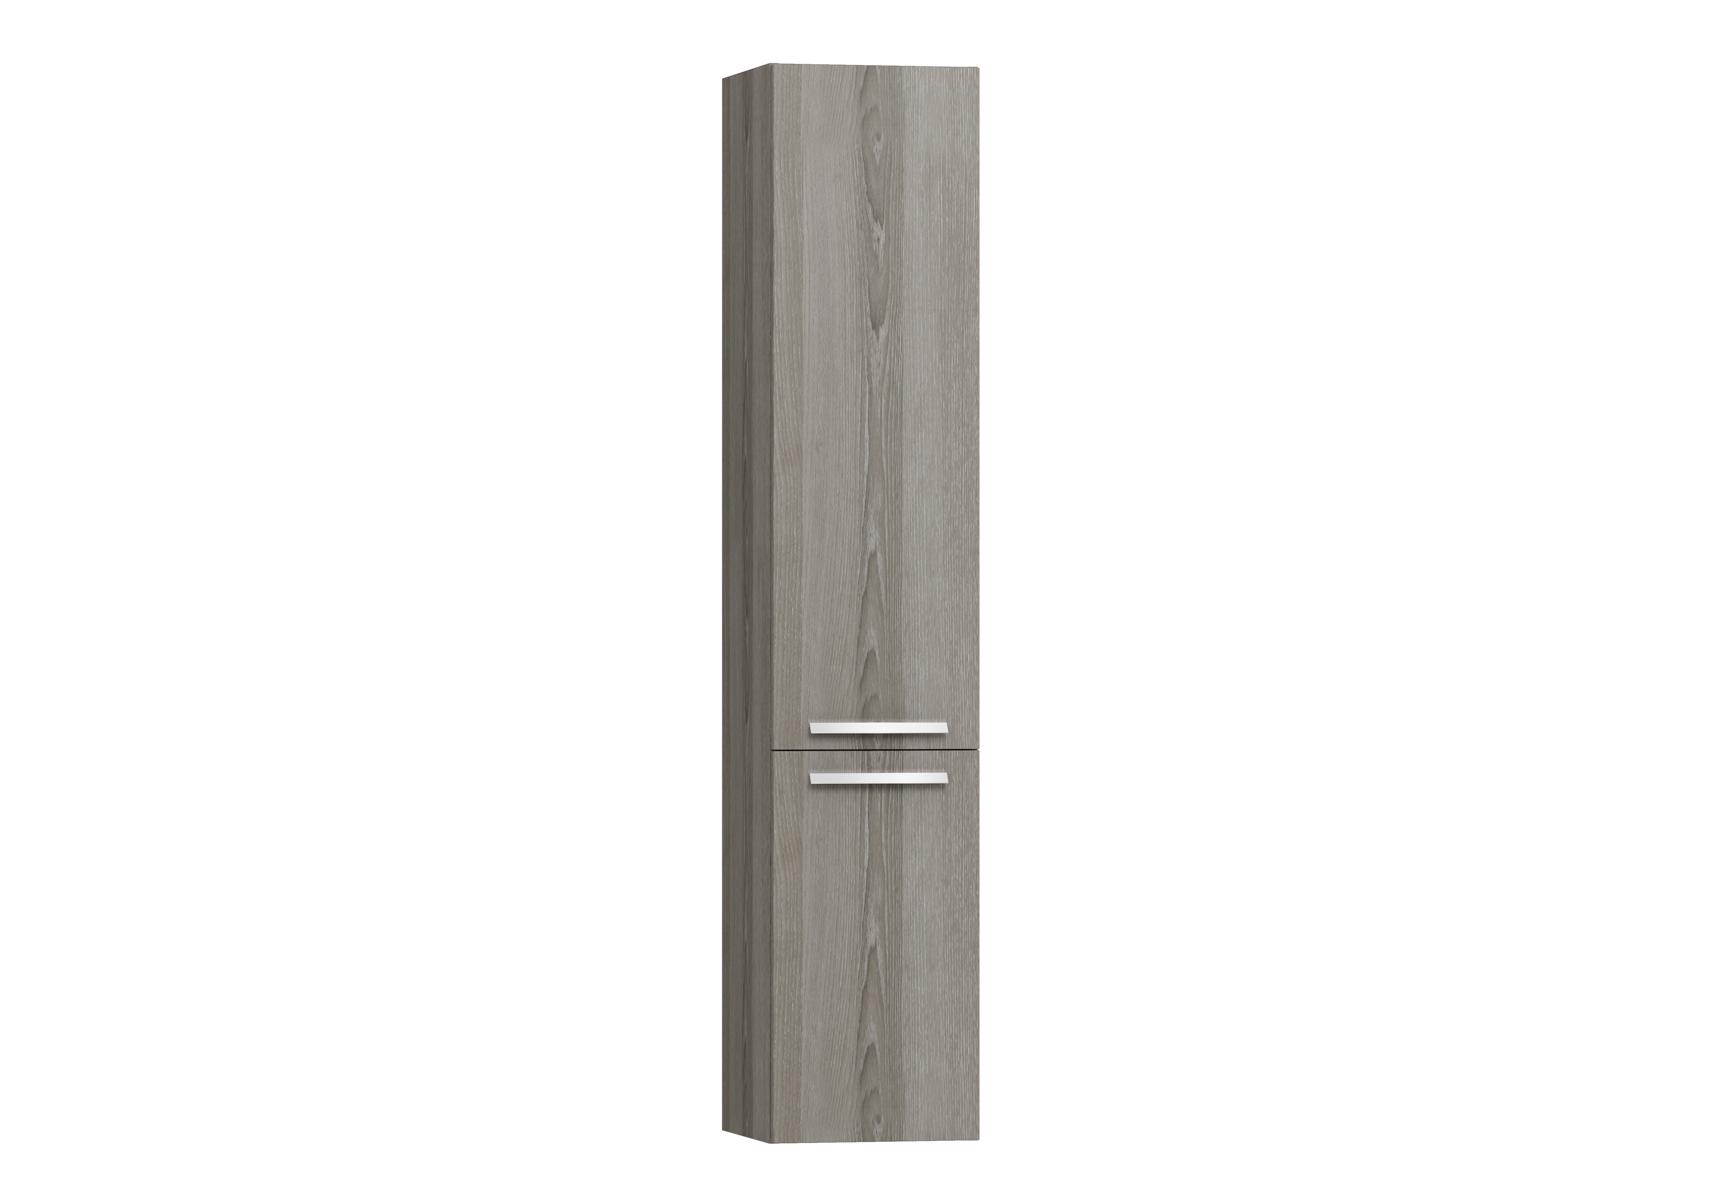 Integra armoire haute sans corbeille à linge, porte à droite, 35 cm, chêne gris naturel